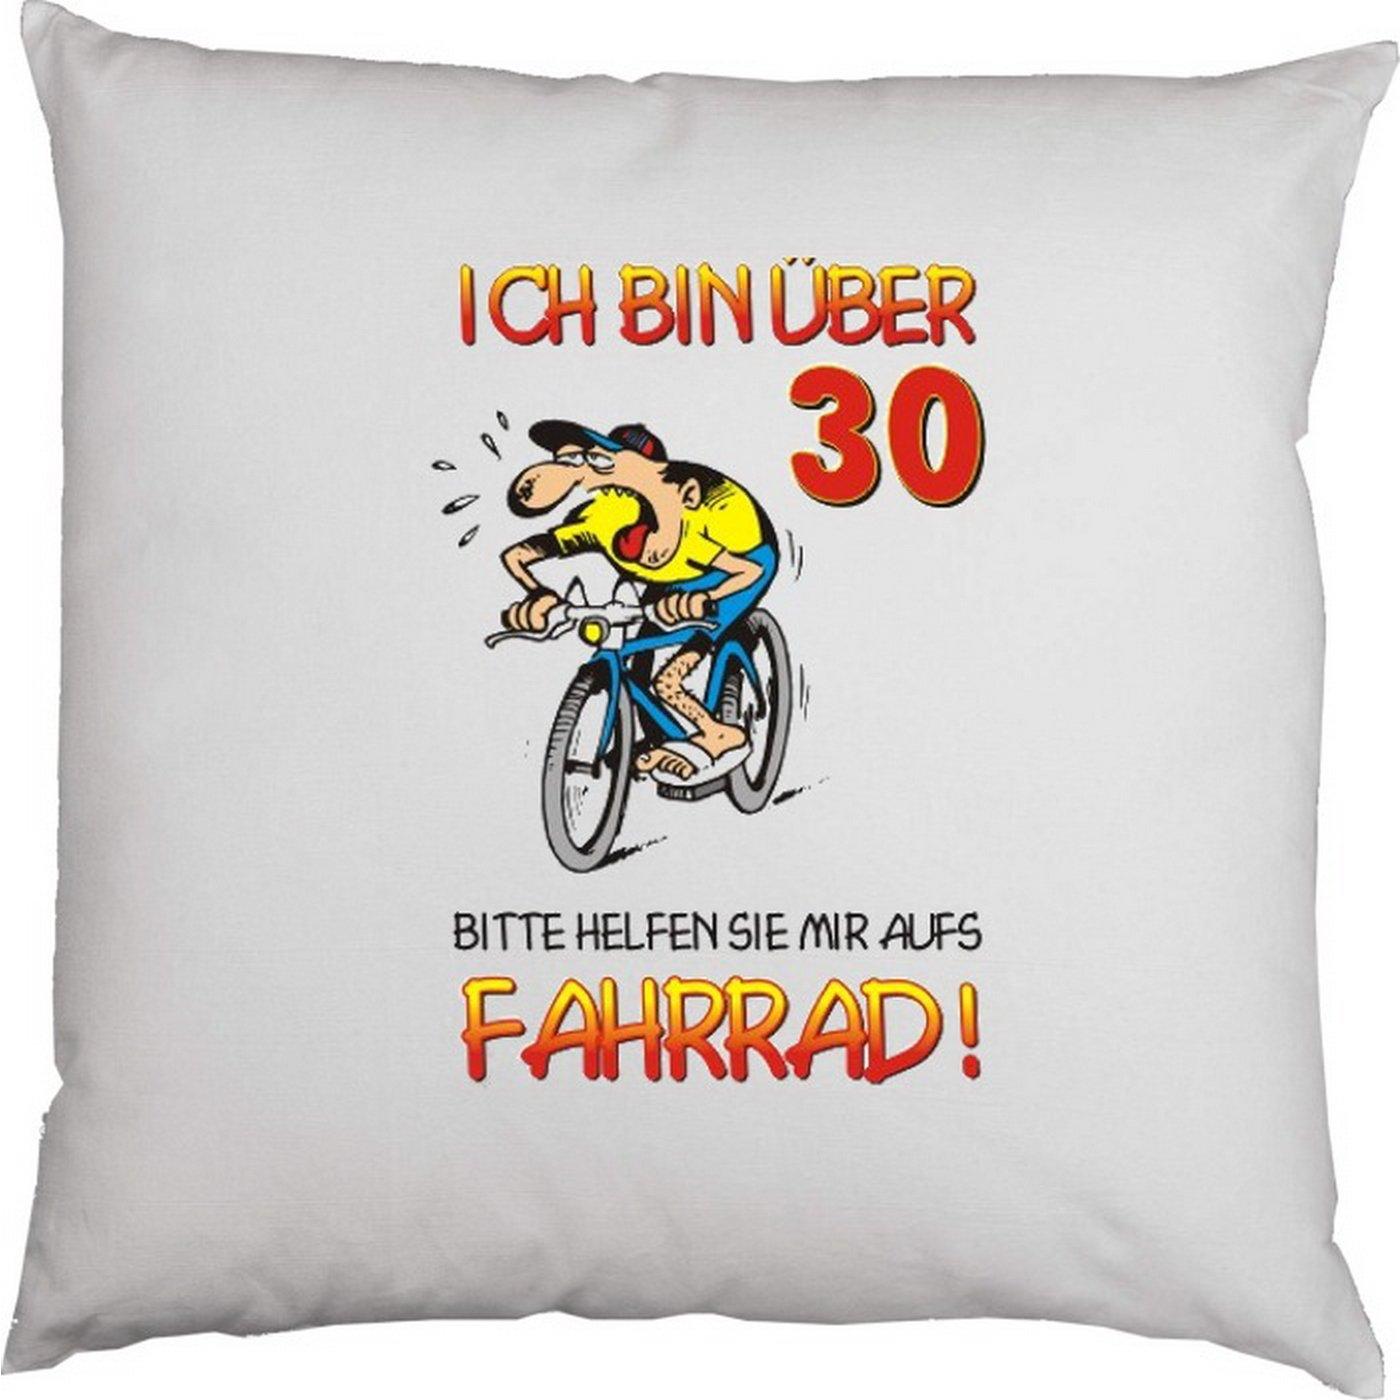 Kissen mit Innenkissen – zum 30. Geburtstag – Ich bin über 30! Bitte helfen Sie mir aufs Fahrrad! – mit 40 x 40 cm – in weiss : ) online kaufen